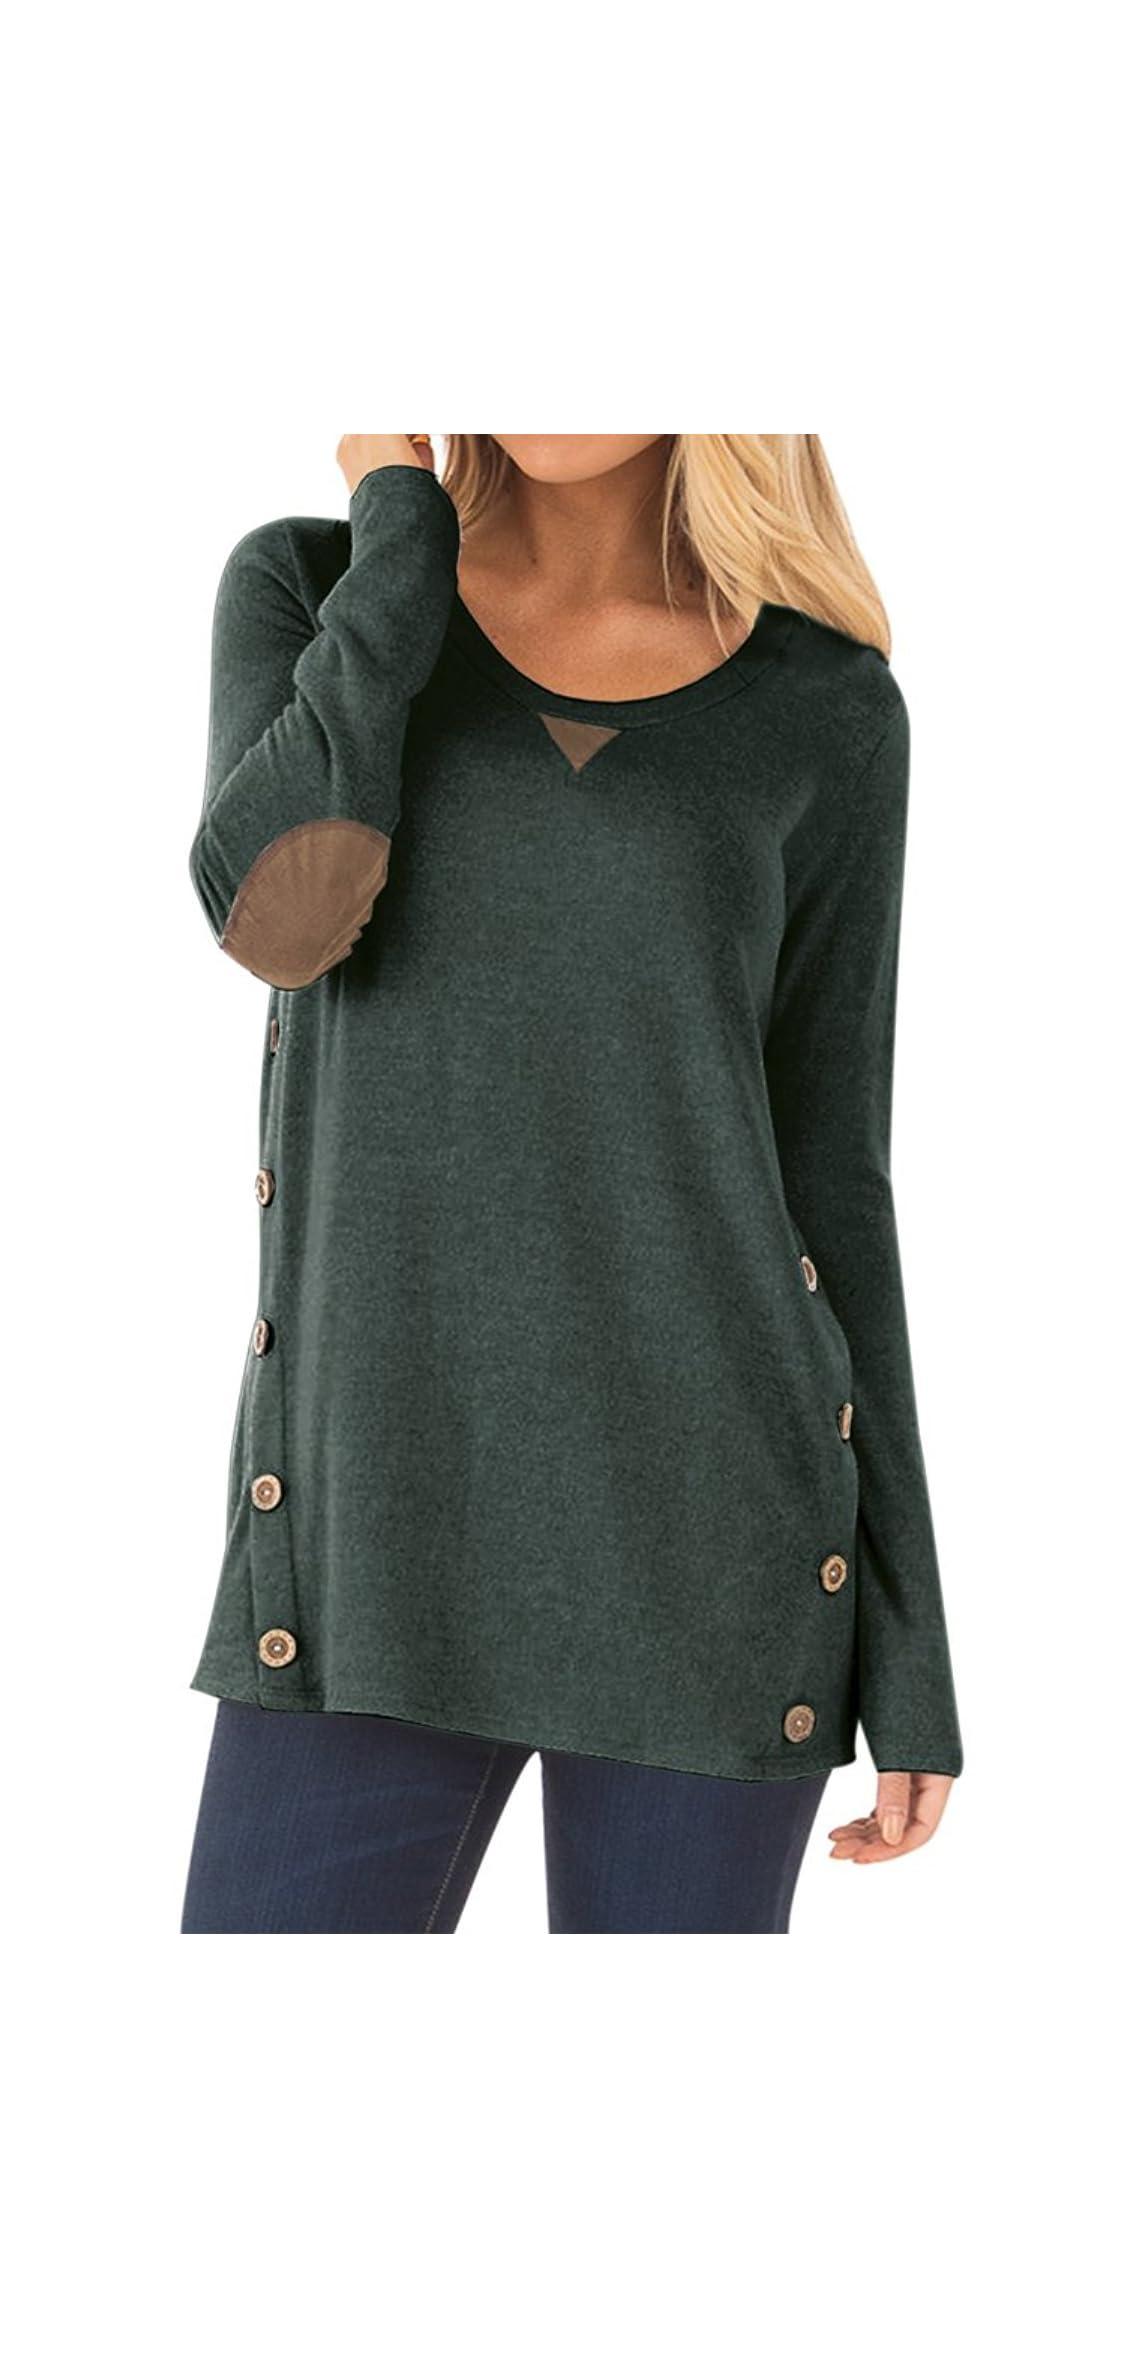 Women's Casual Long Sleeve Faux Suede Loose Tunic Shirt